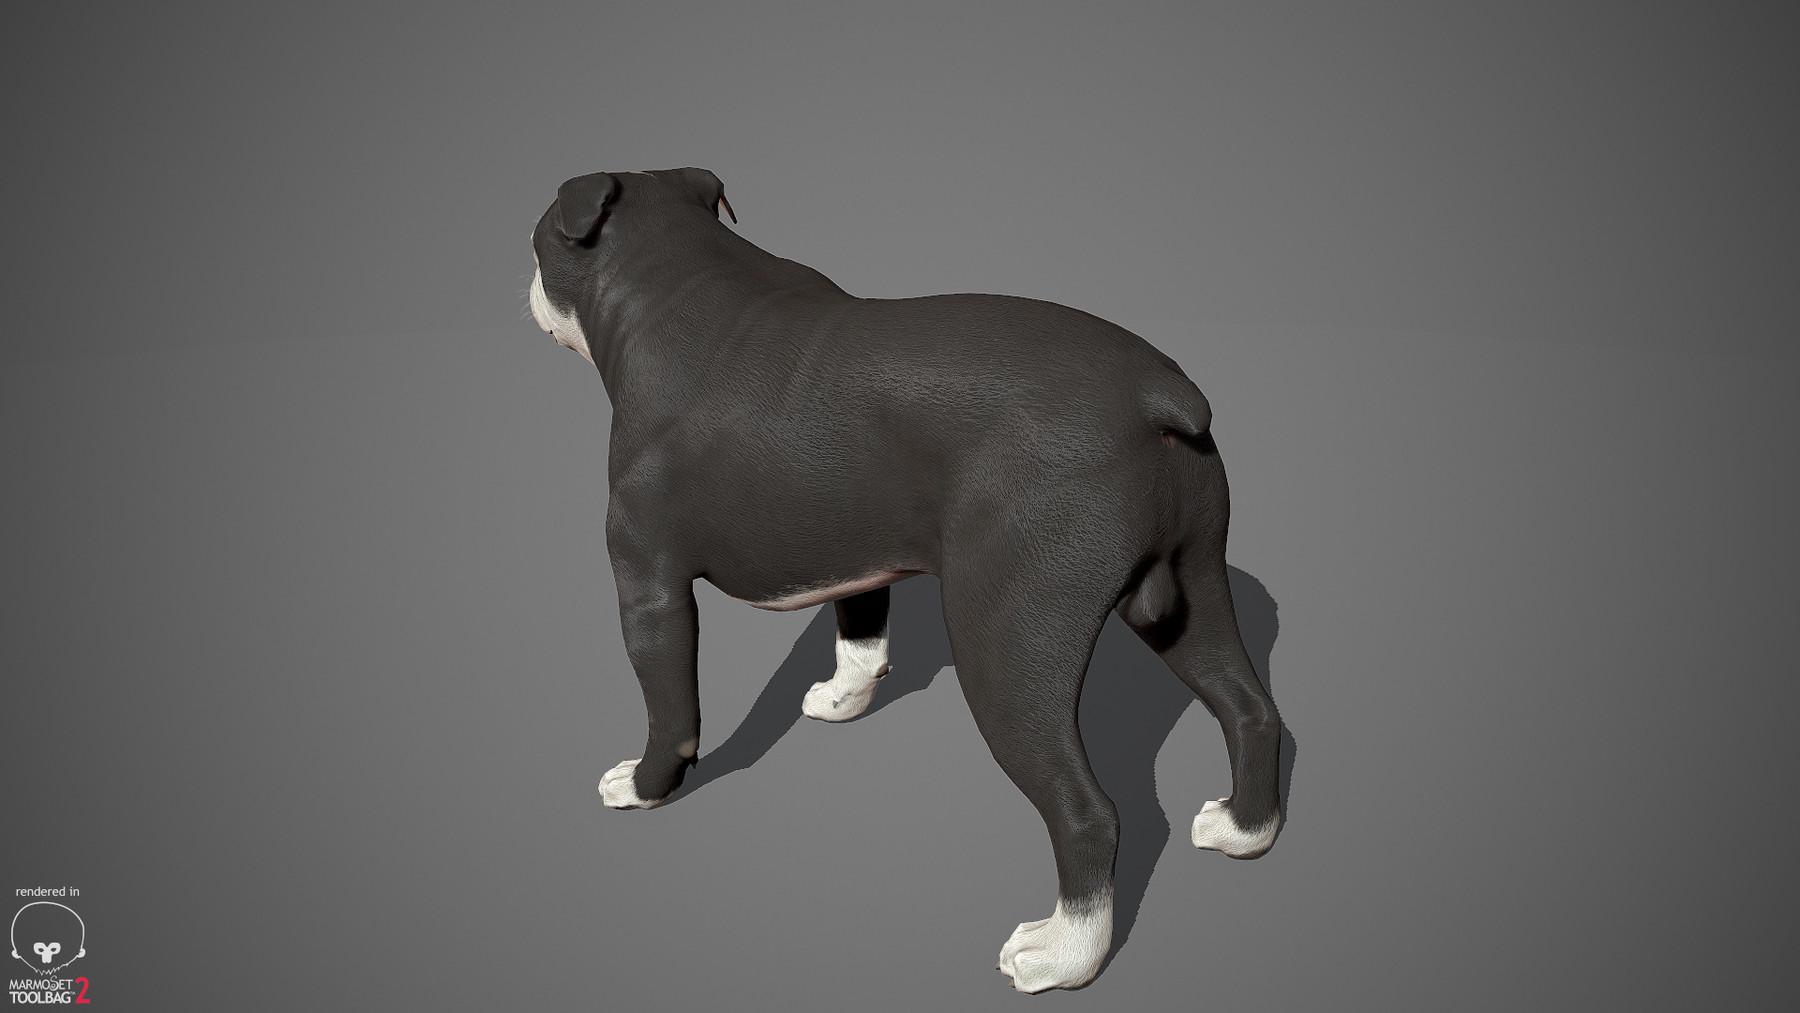 Englishbulldog by alexlashko marmoset 12